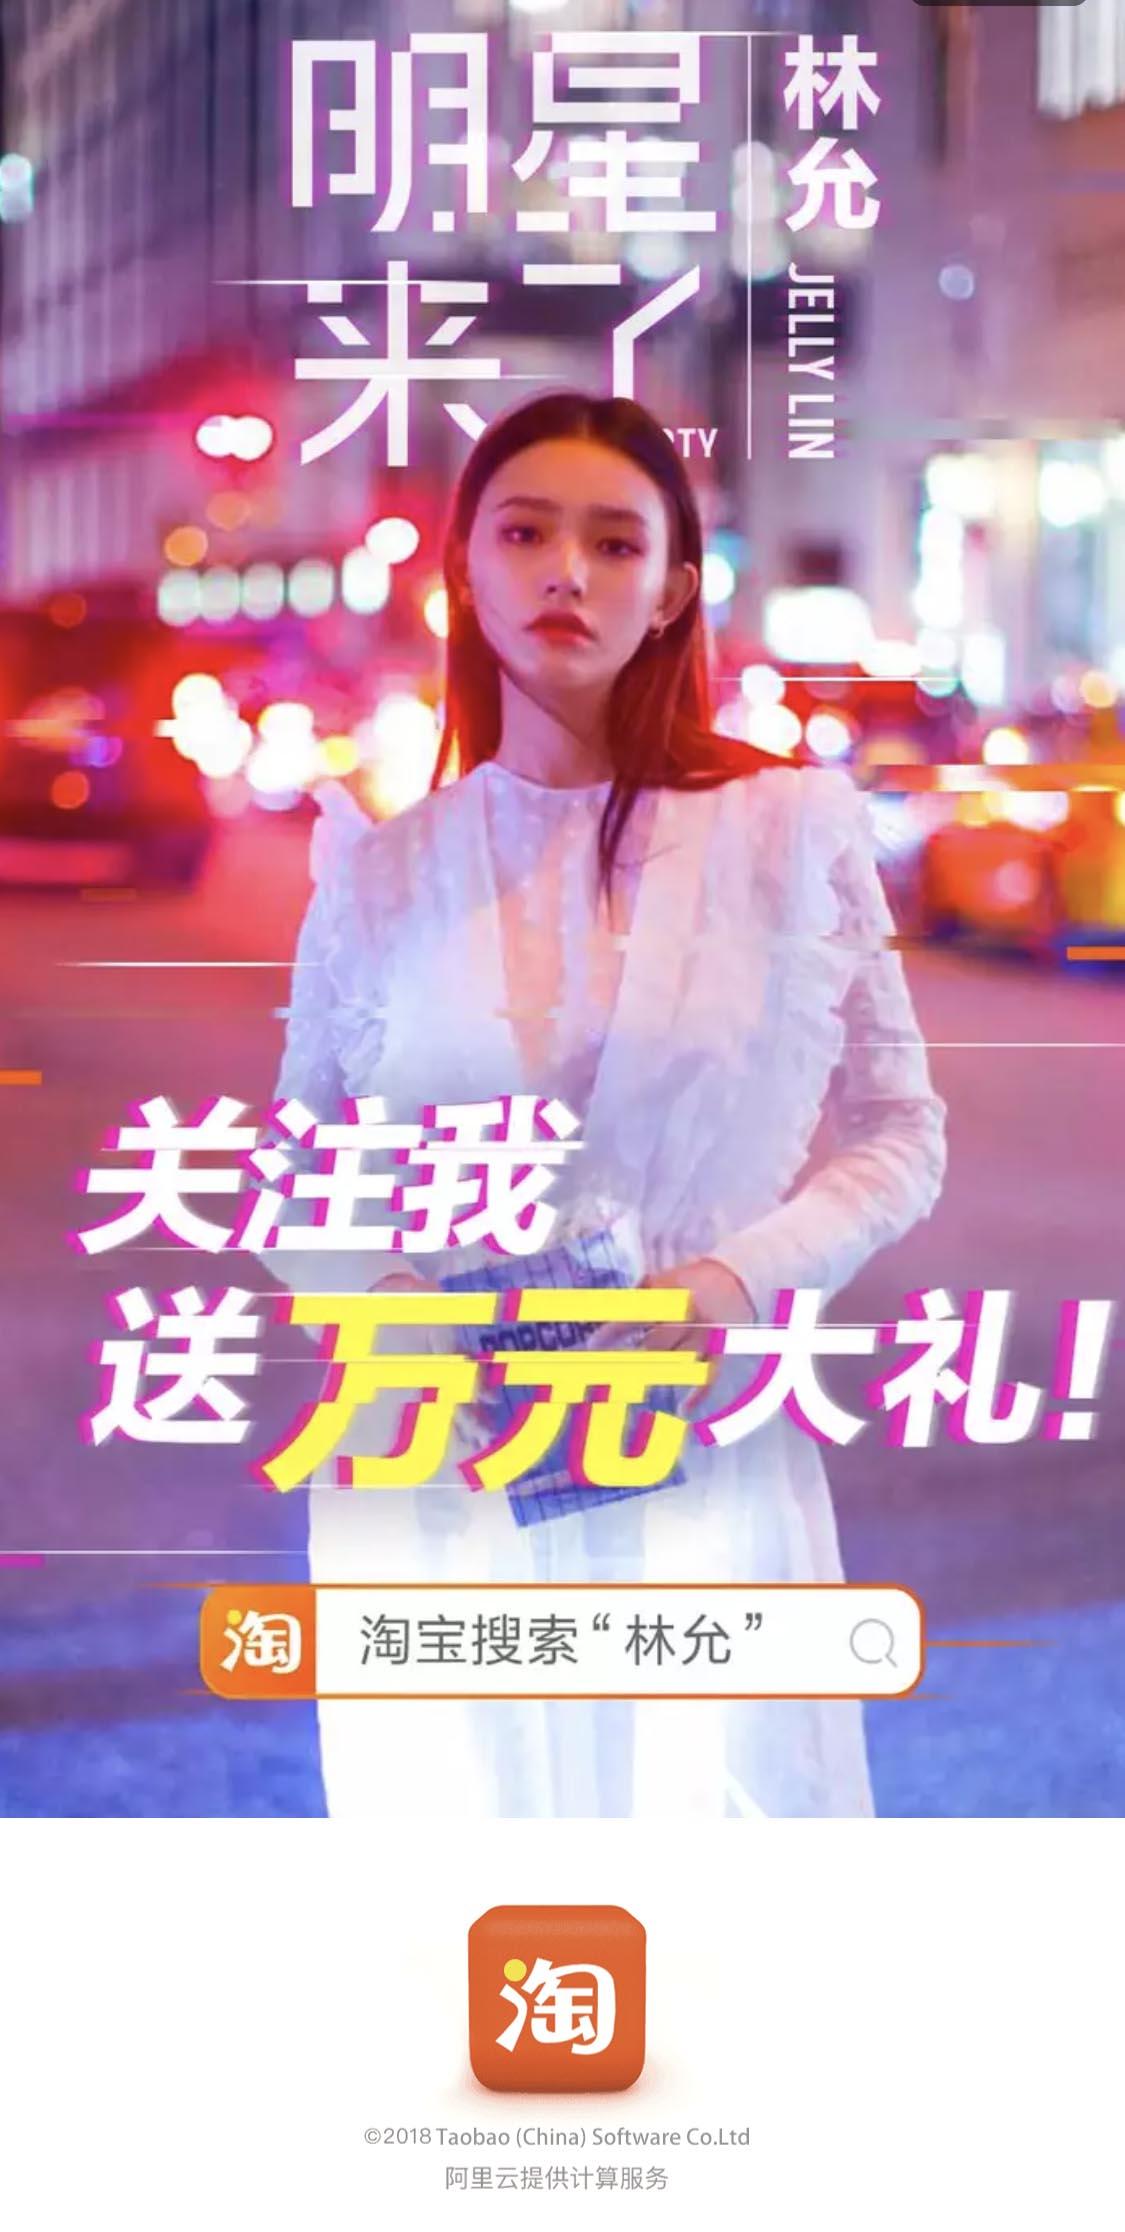 """林允来淘宝""""种草"""",1个月粉丝超百万"""